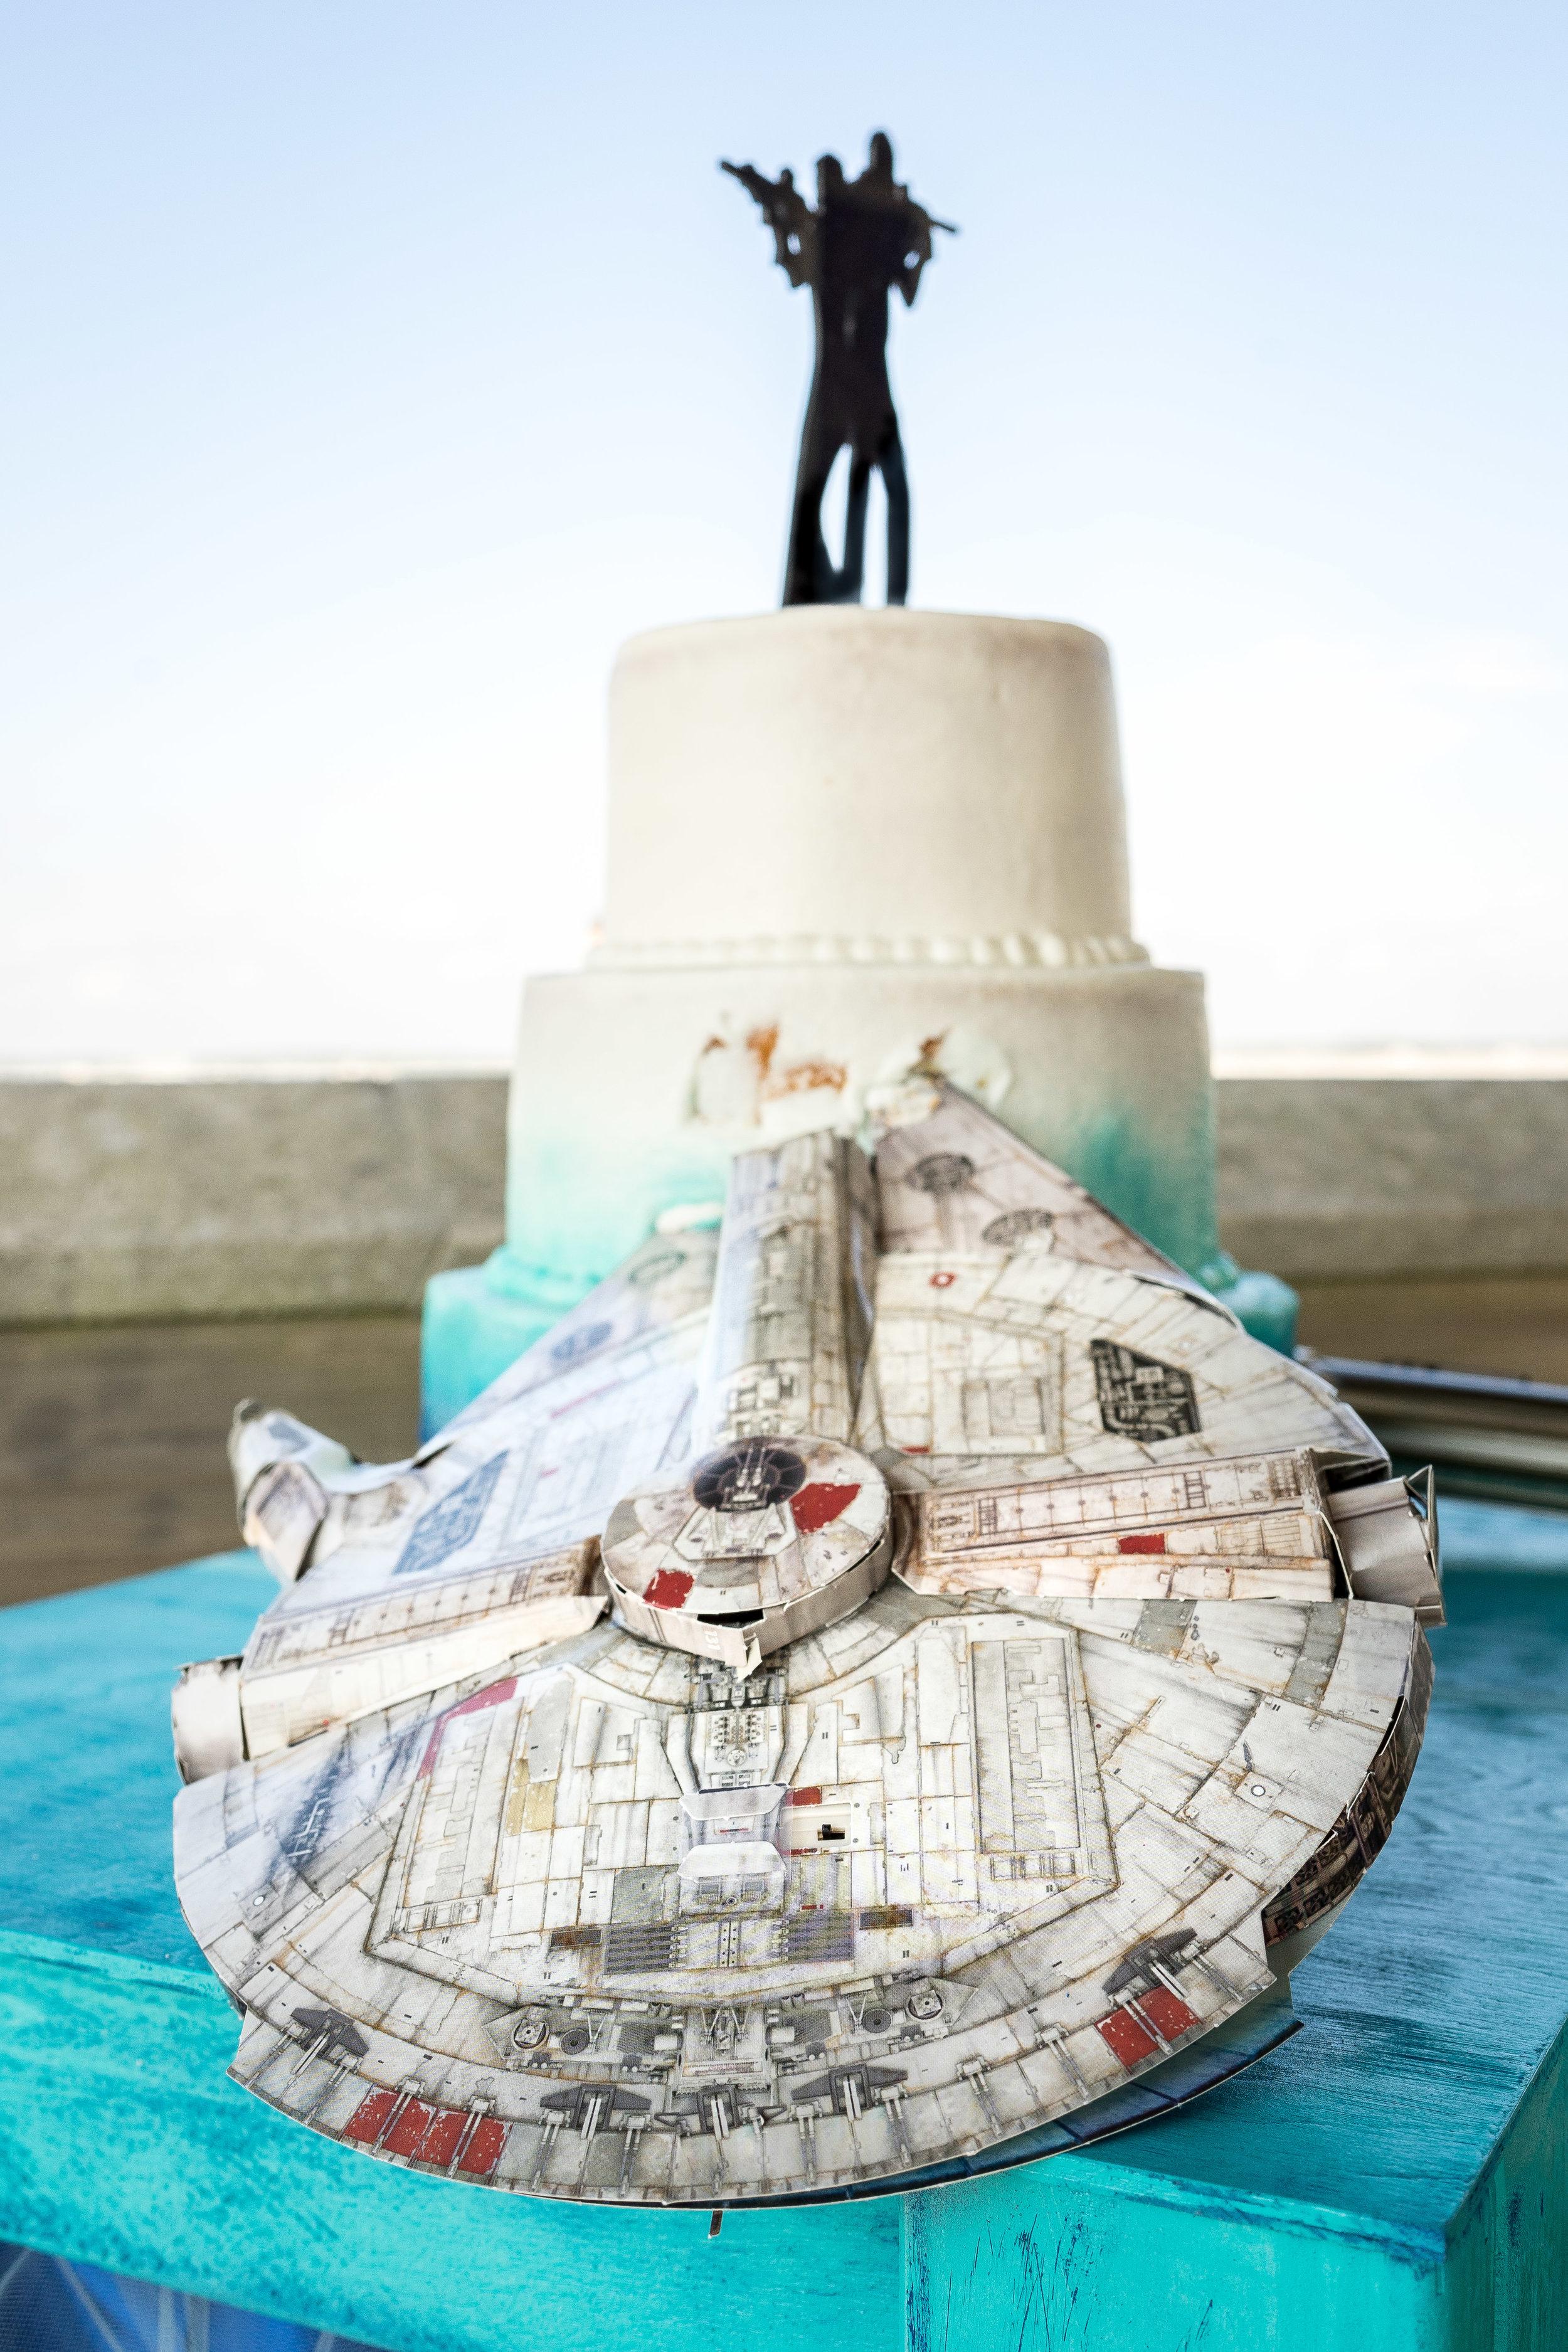 image of millennium falcon crashed into wedding cakepensacola wedding